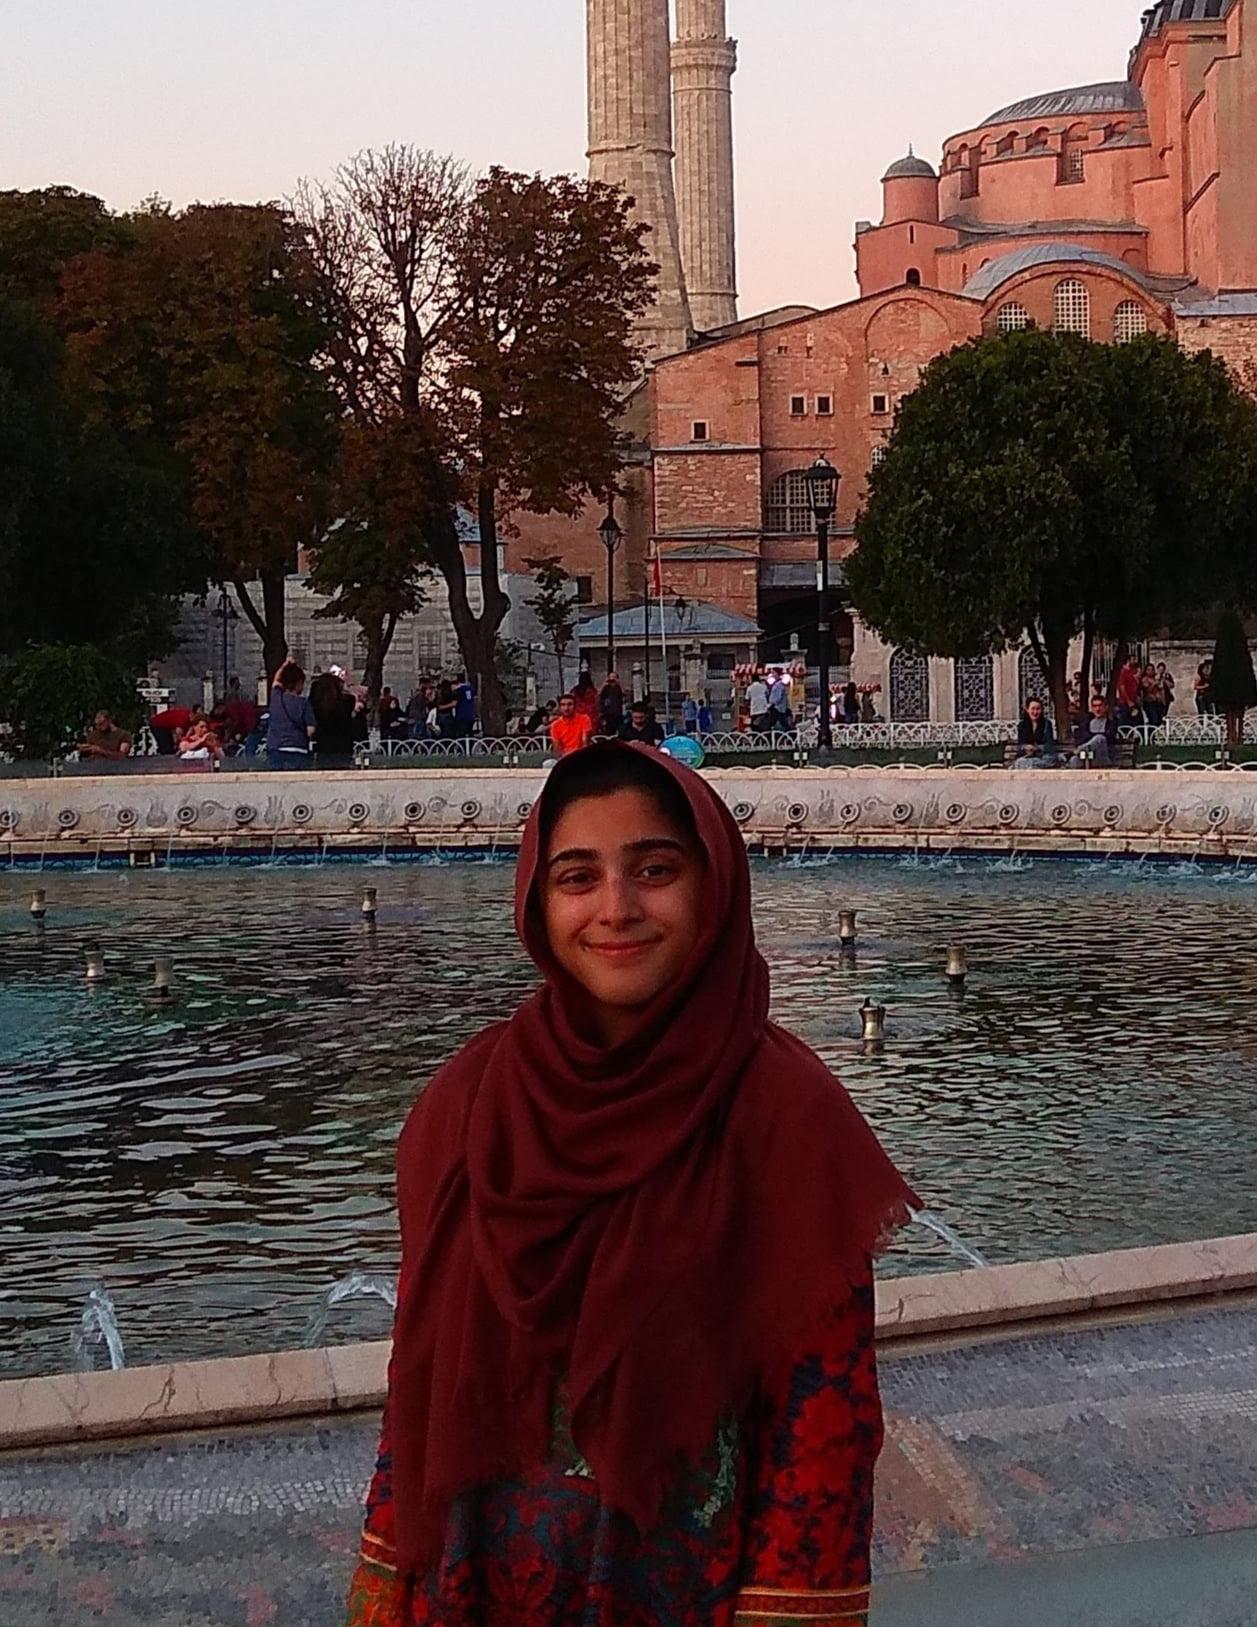 Arwa Aatique